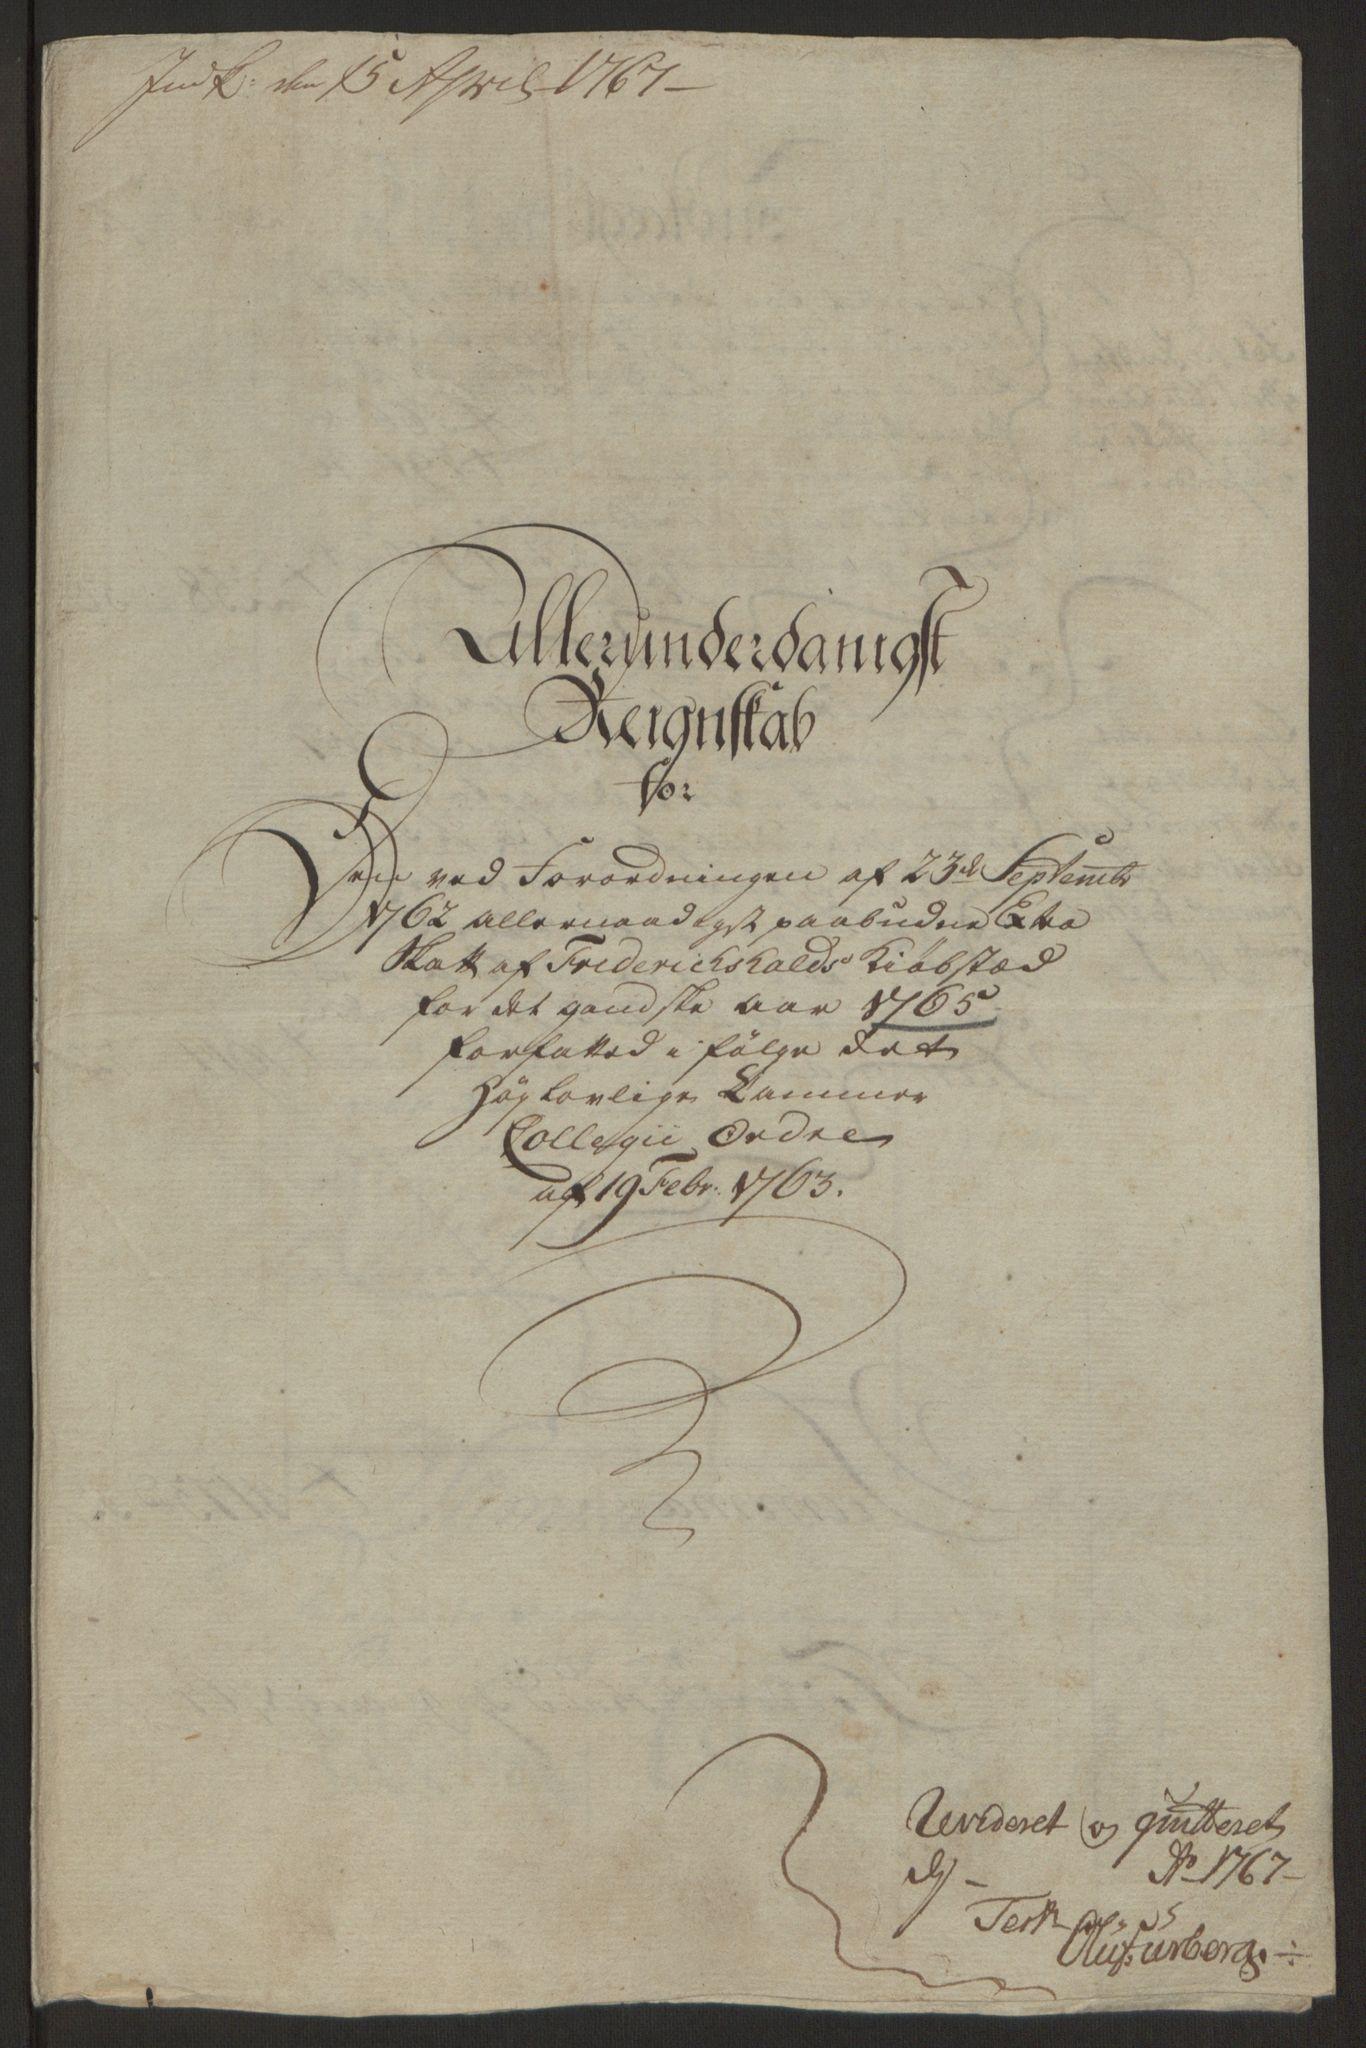 RA, Rentekammeret inntil 1814, Reviderte regnskaper, Byregnskaper, R/Ra/L0006: [A4] Kontribusjonsregnskap, 1762-1772, s. 119